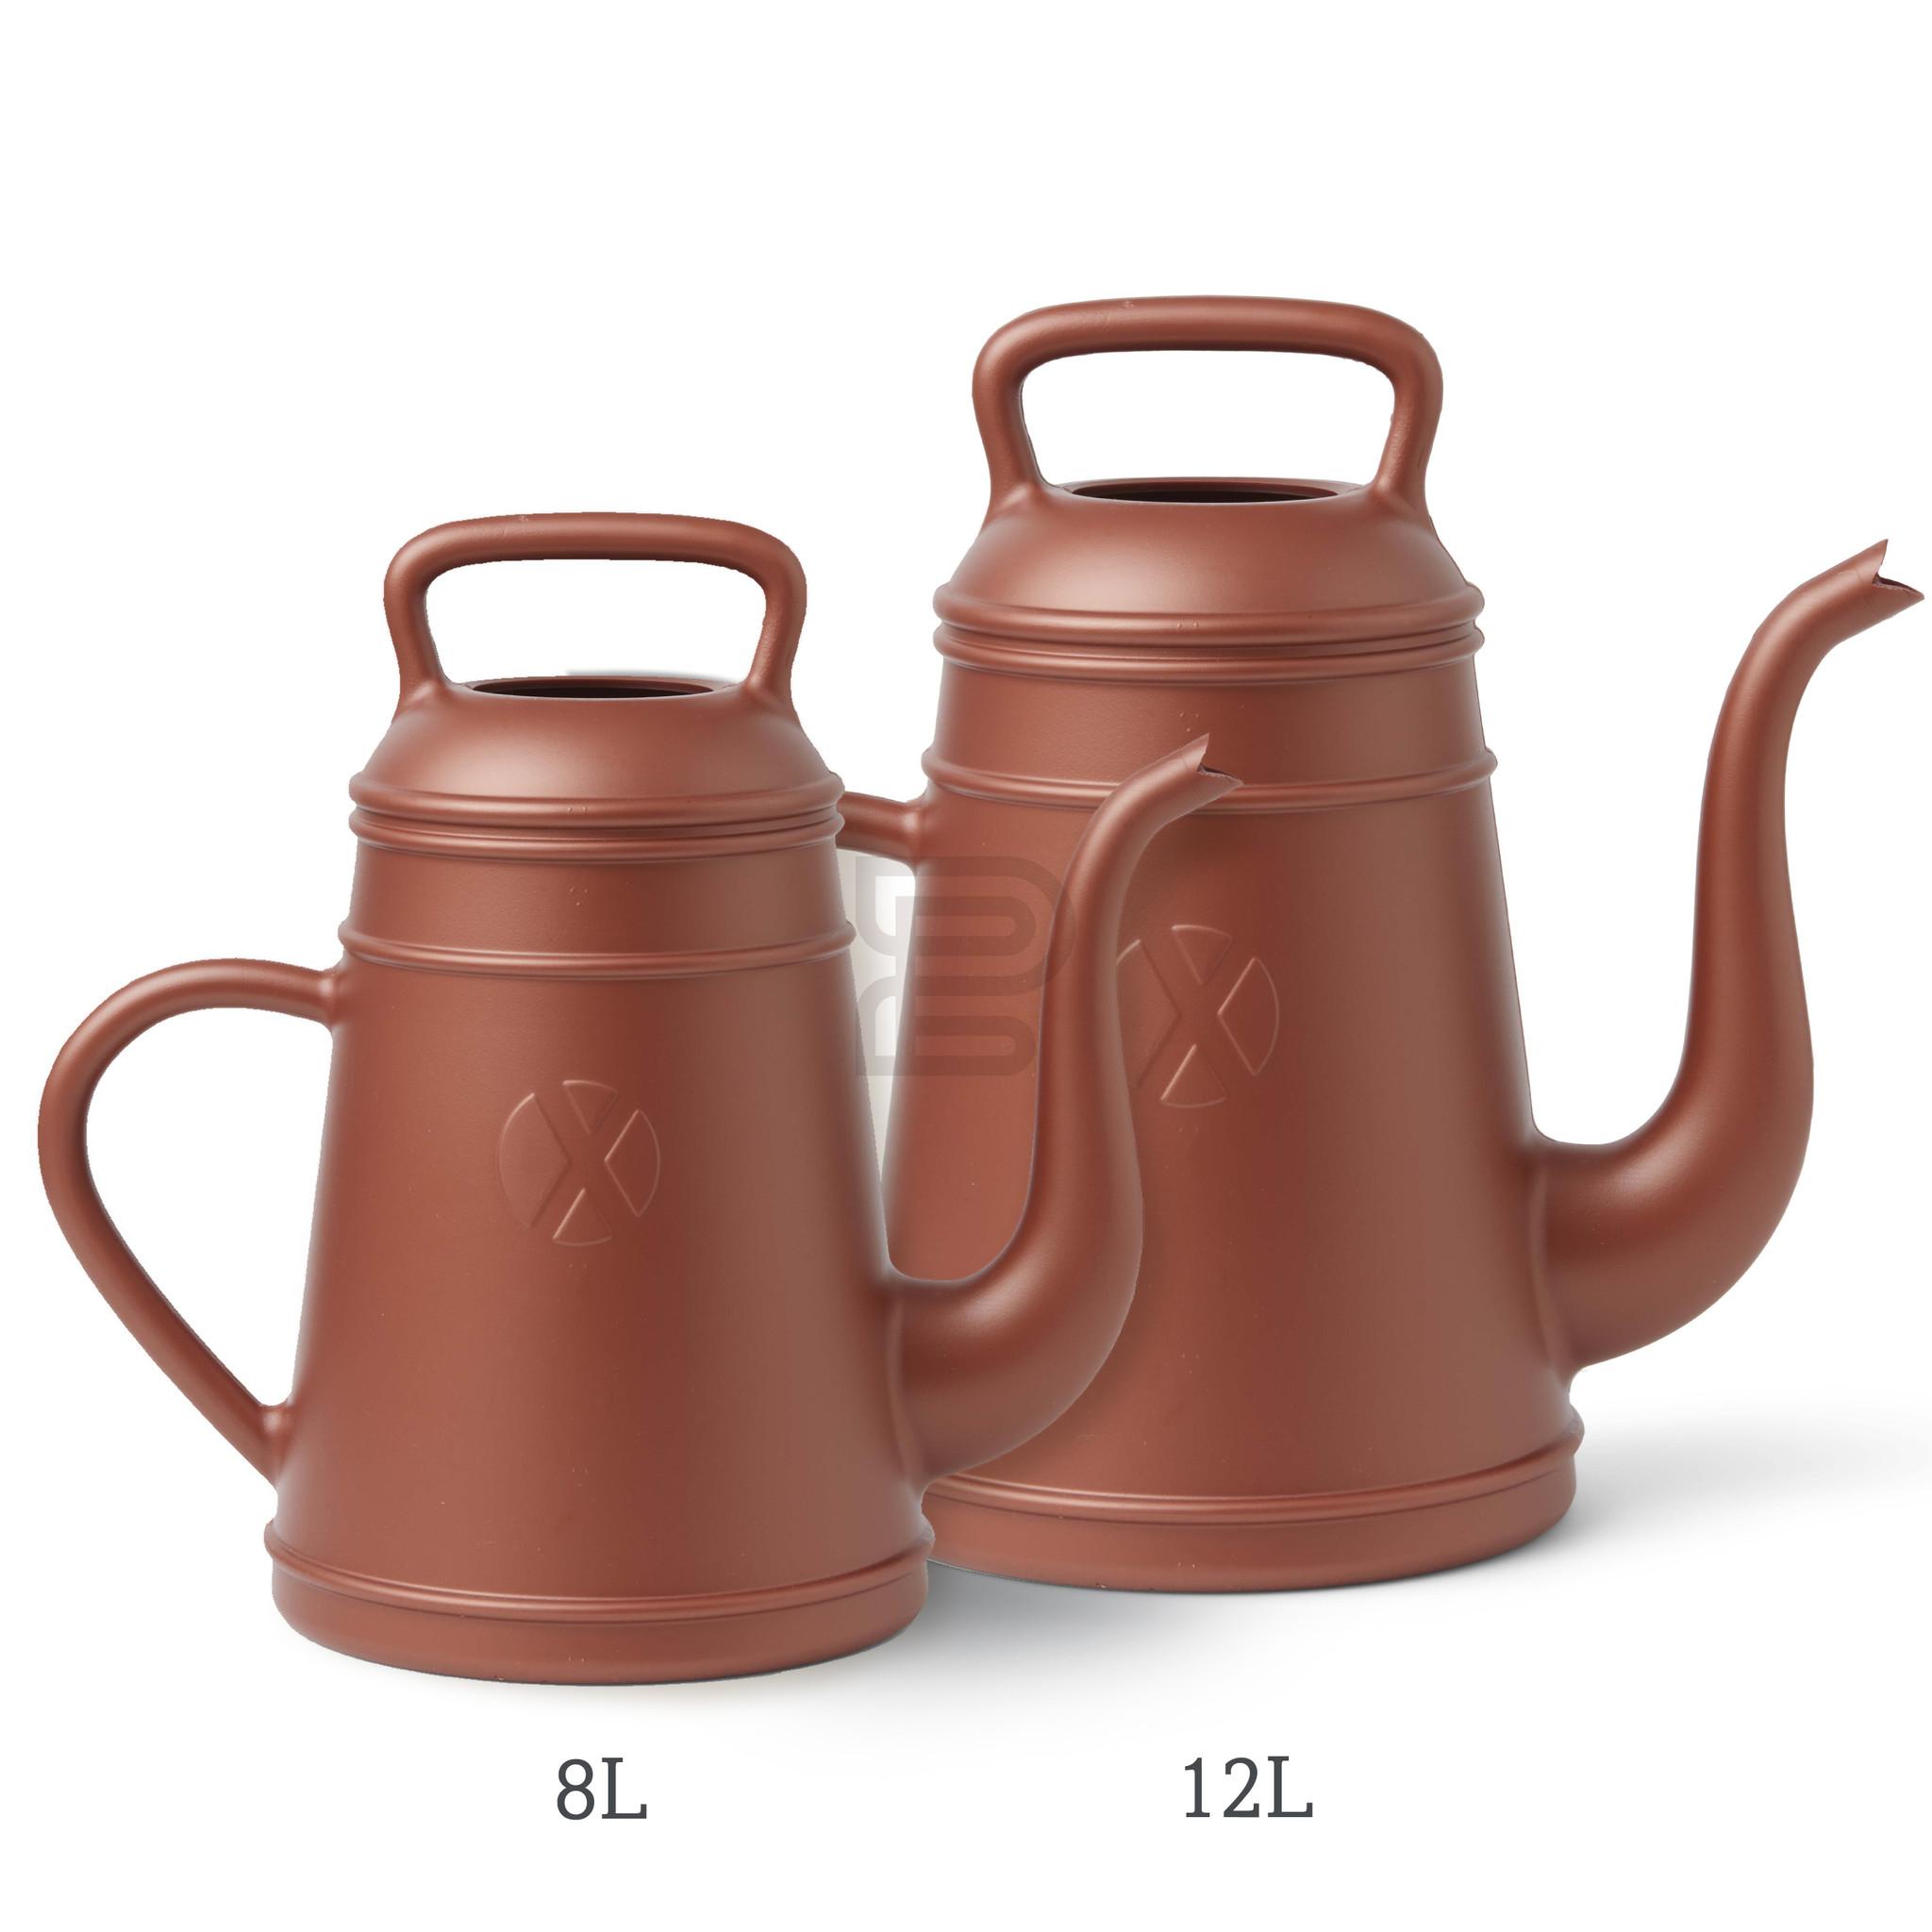 Xala Xala Gieter Lungo Koper - Rood 8 & 12  Liter